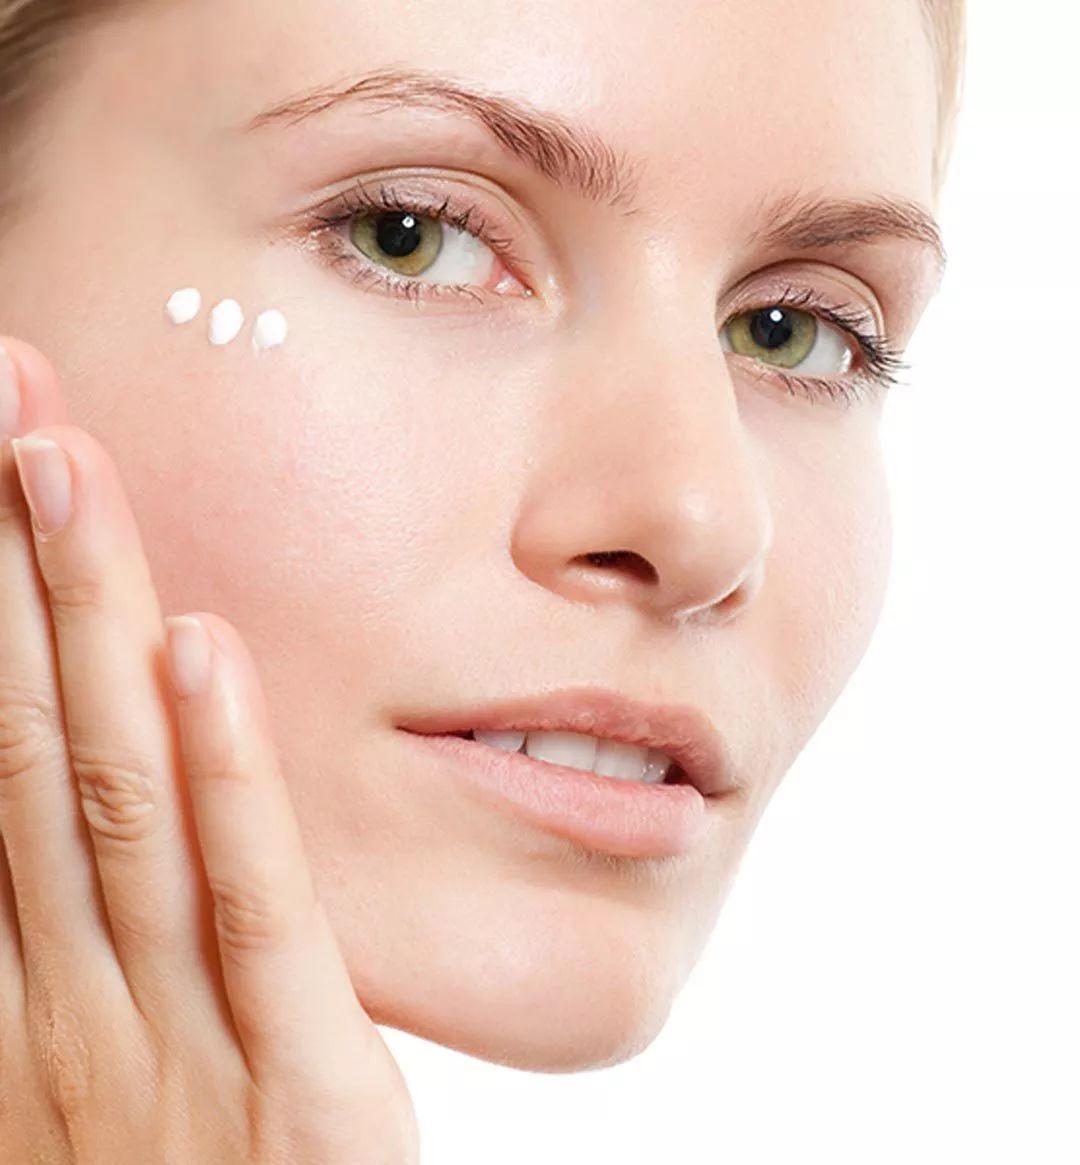 夏季敏感皮肤20个护理技巧  改善敏感性皮肤小技巧